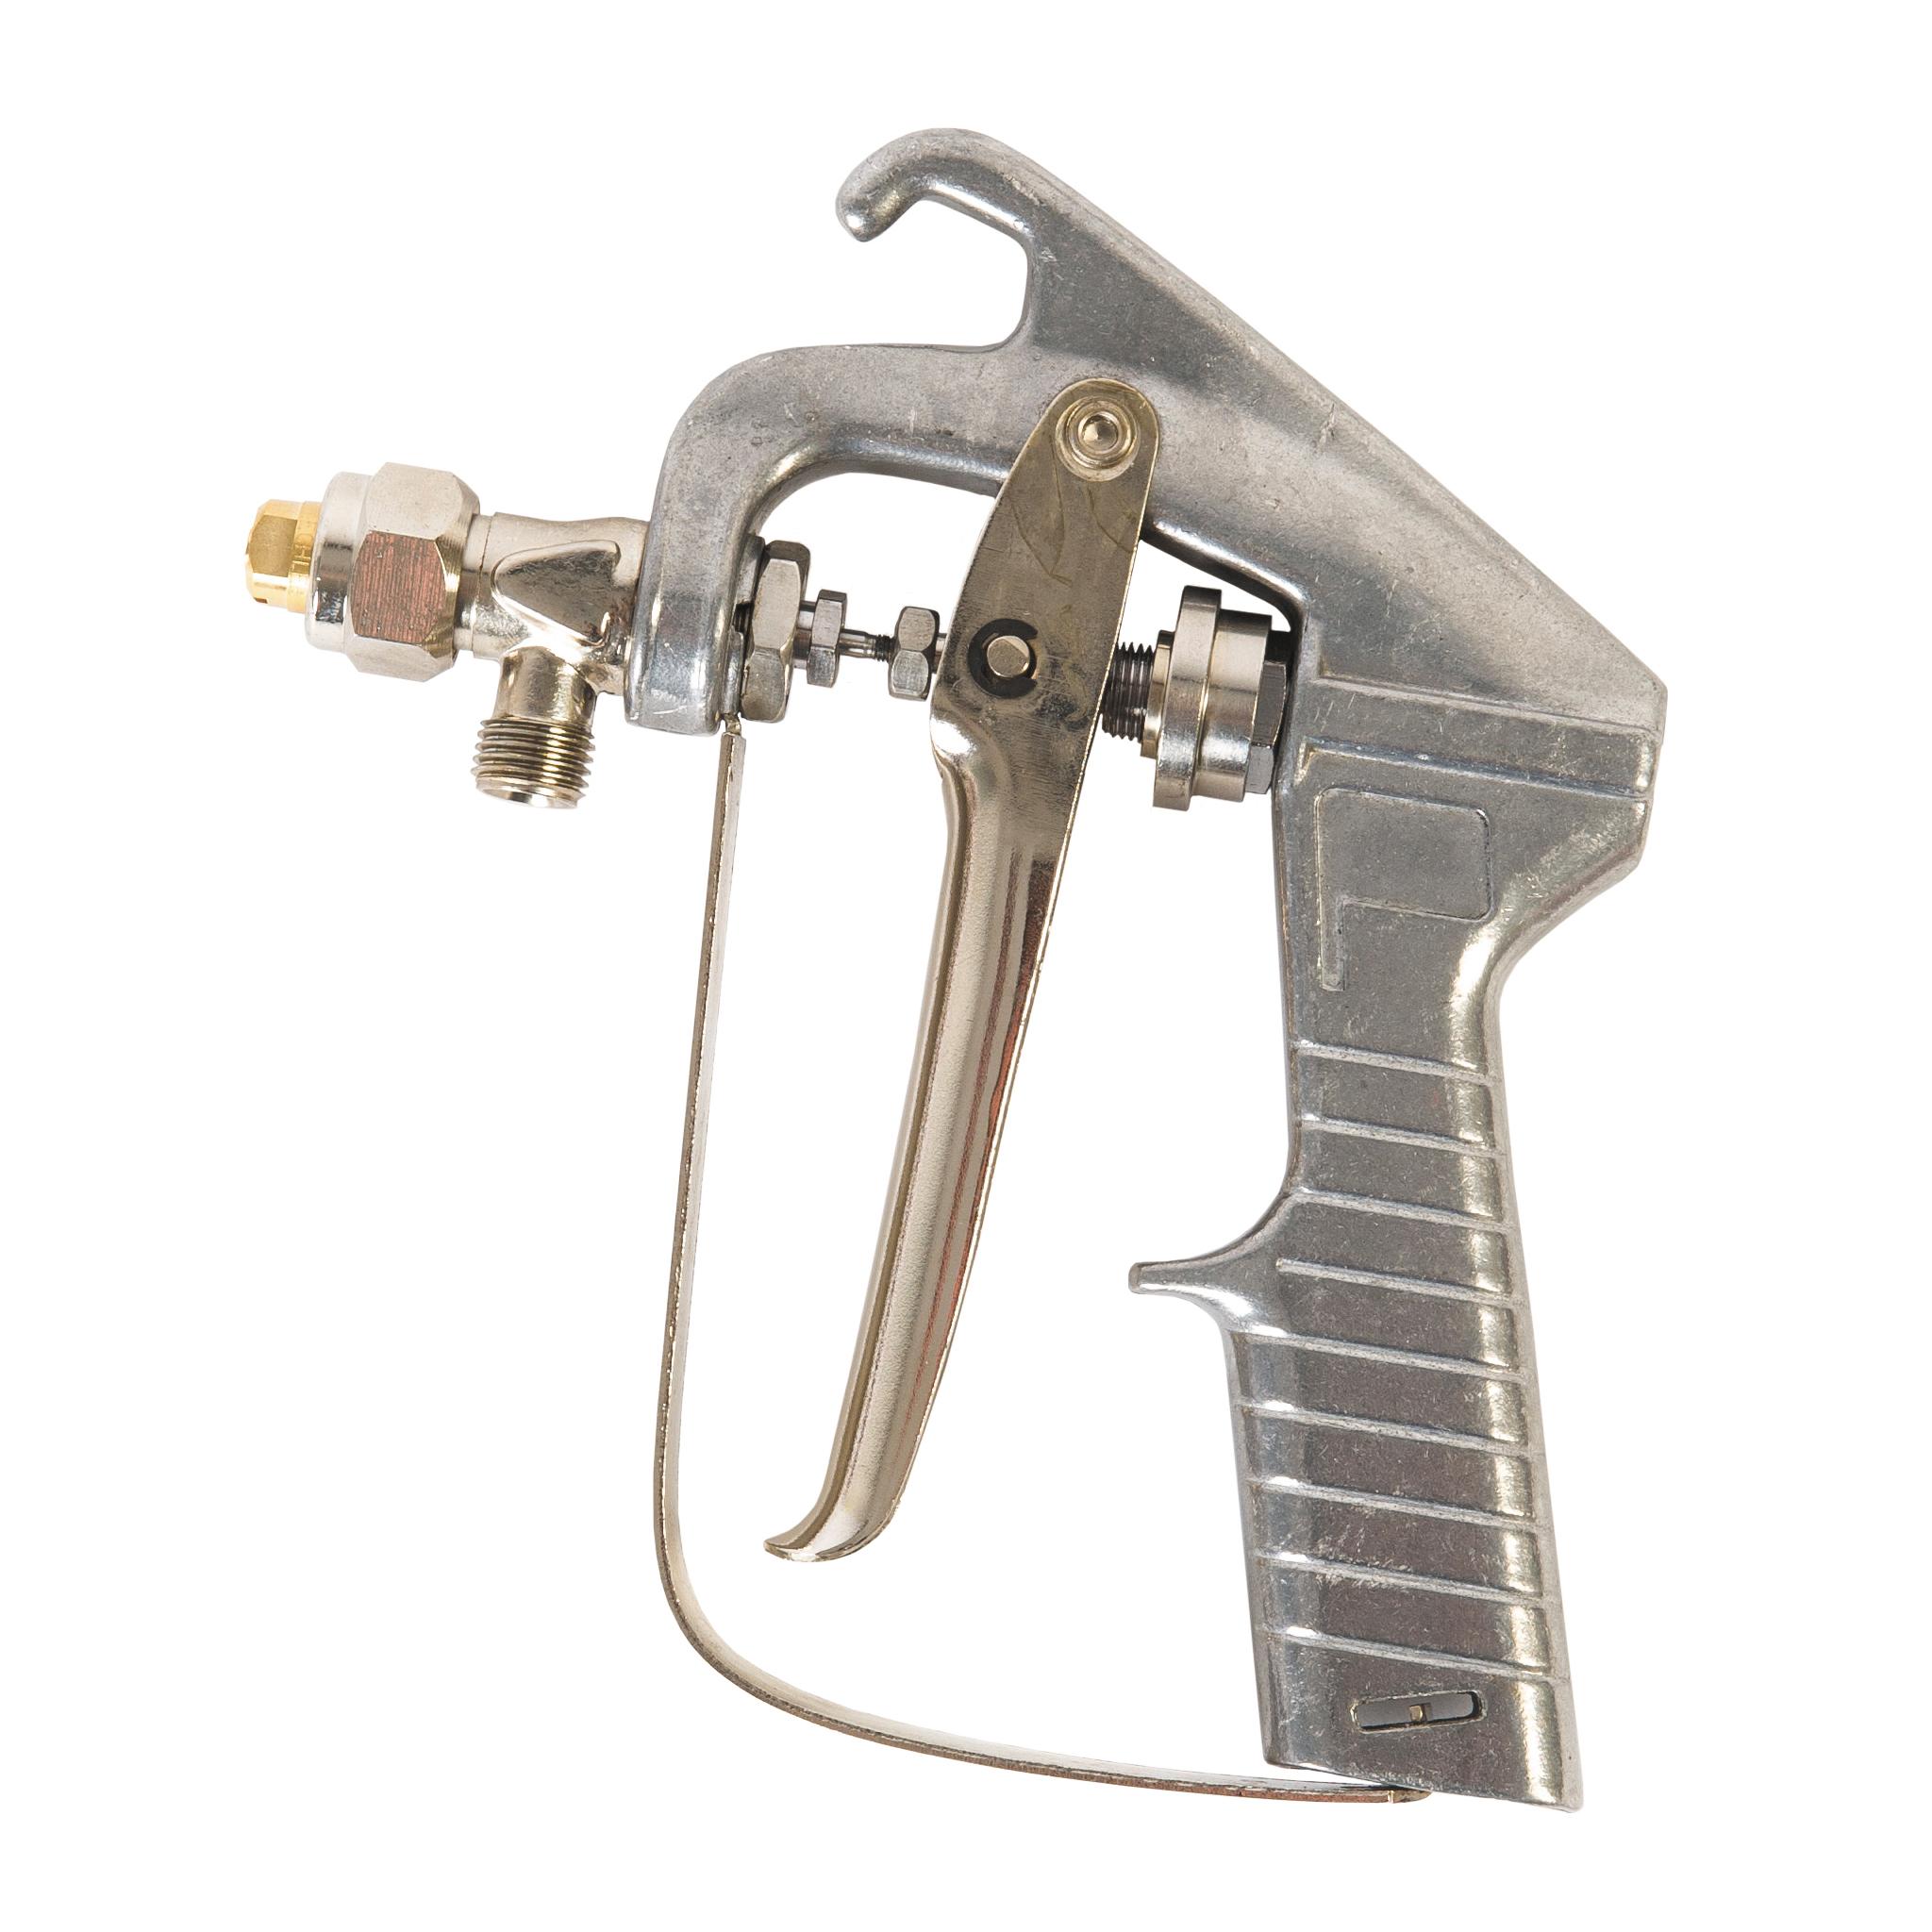 HRANIFIX pistole - příslušenství